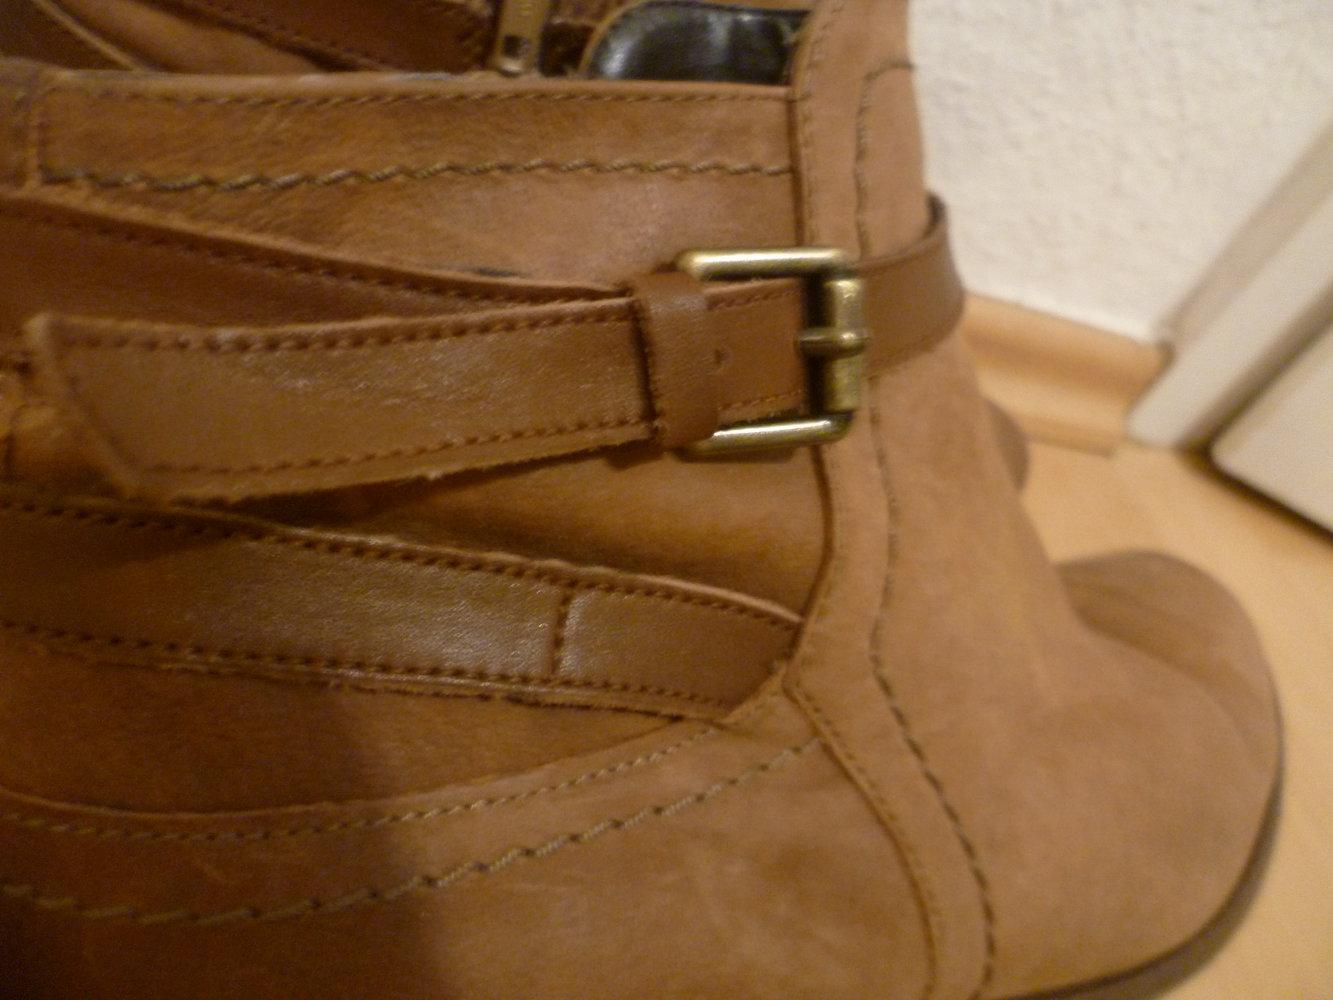 Stiefeletten 5th AvenueDeichmannEchtes Von Braune BootsWinterHerbstBlogger LederAnkle oerdxBEQCW